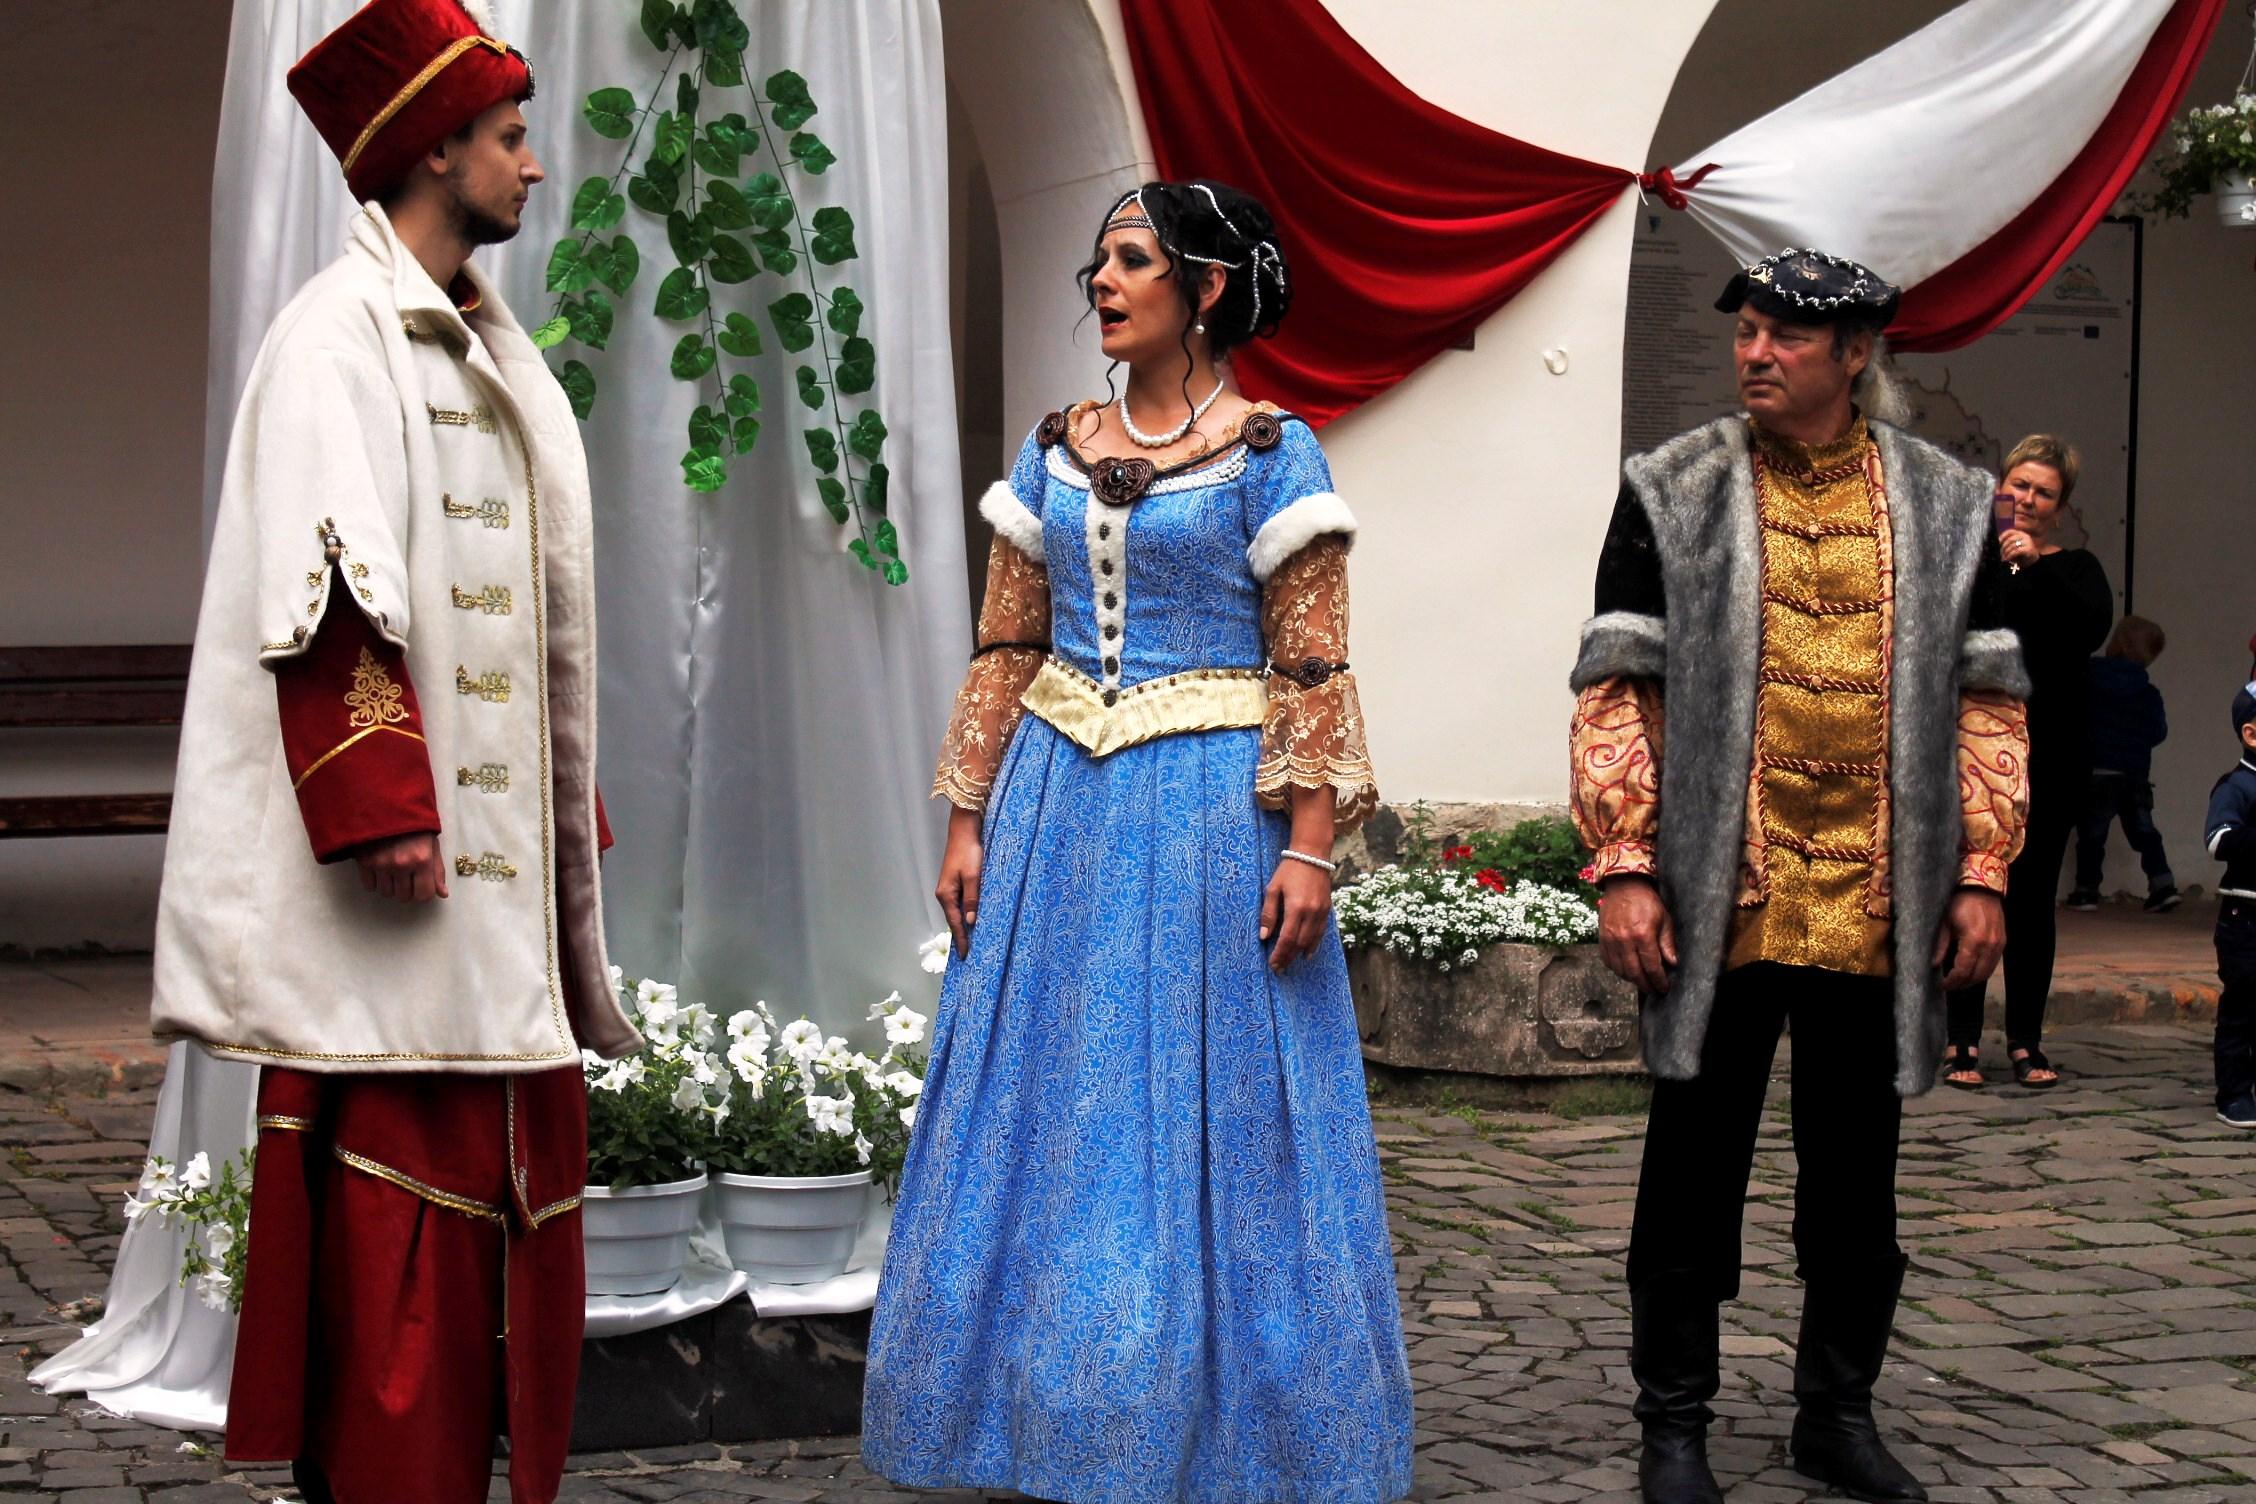 Вже завтра  «Паланку» проведуть історичну реконструкцію весілля Зріні та Текелі